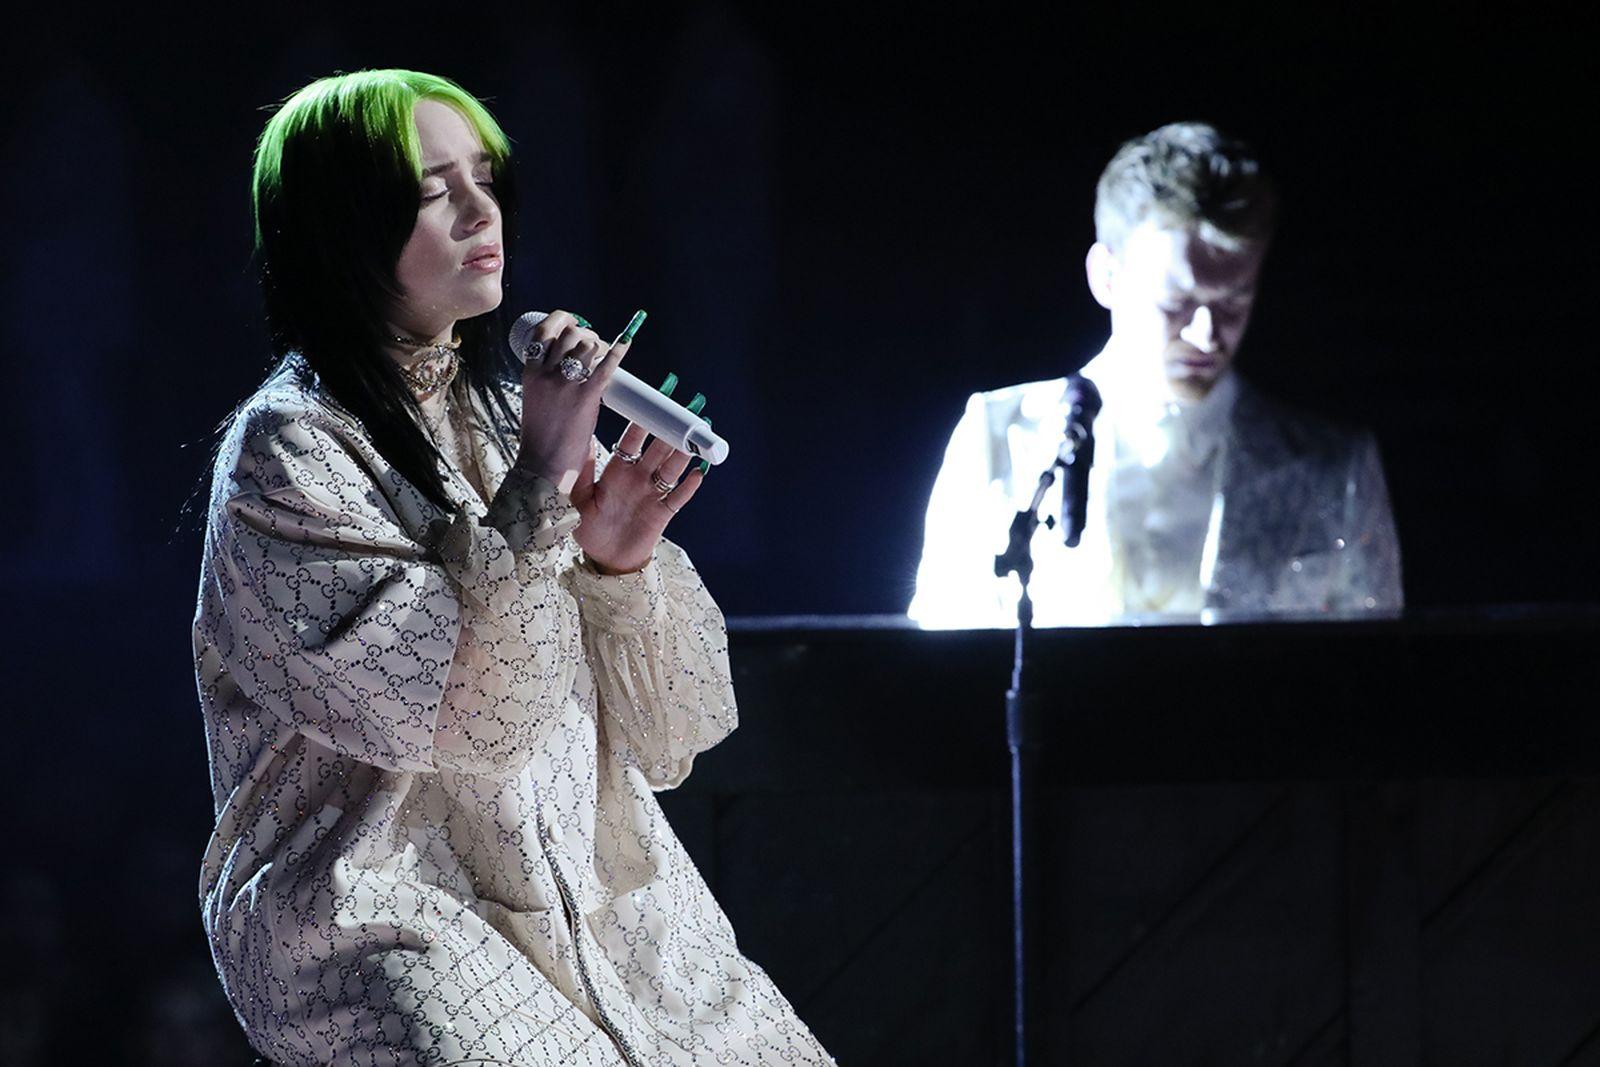 Billie Eilish performing Grammys